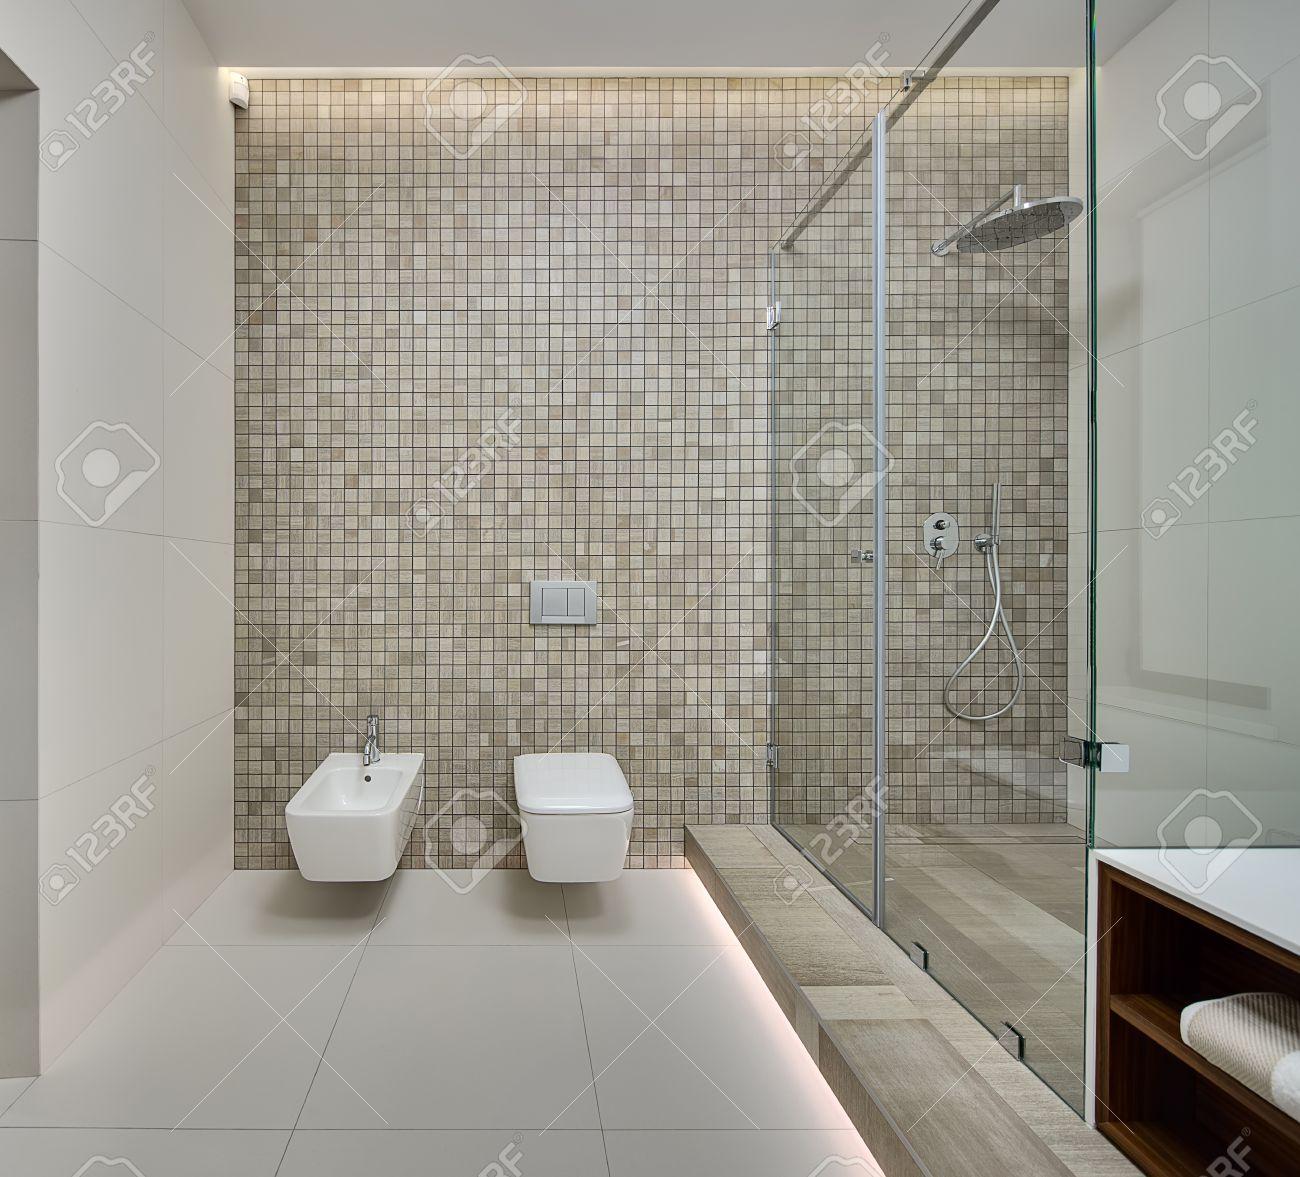 salle d eau dans un style moderne paroi arriere decoree de mosaique beige sur le mur arriere il y a un bidet blanc toilette et commutateurs blanc sur la droite il y a